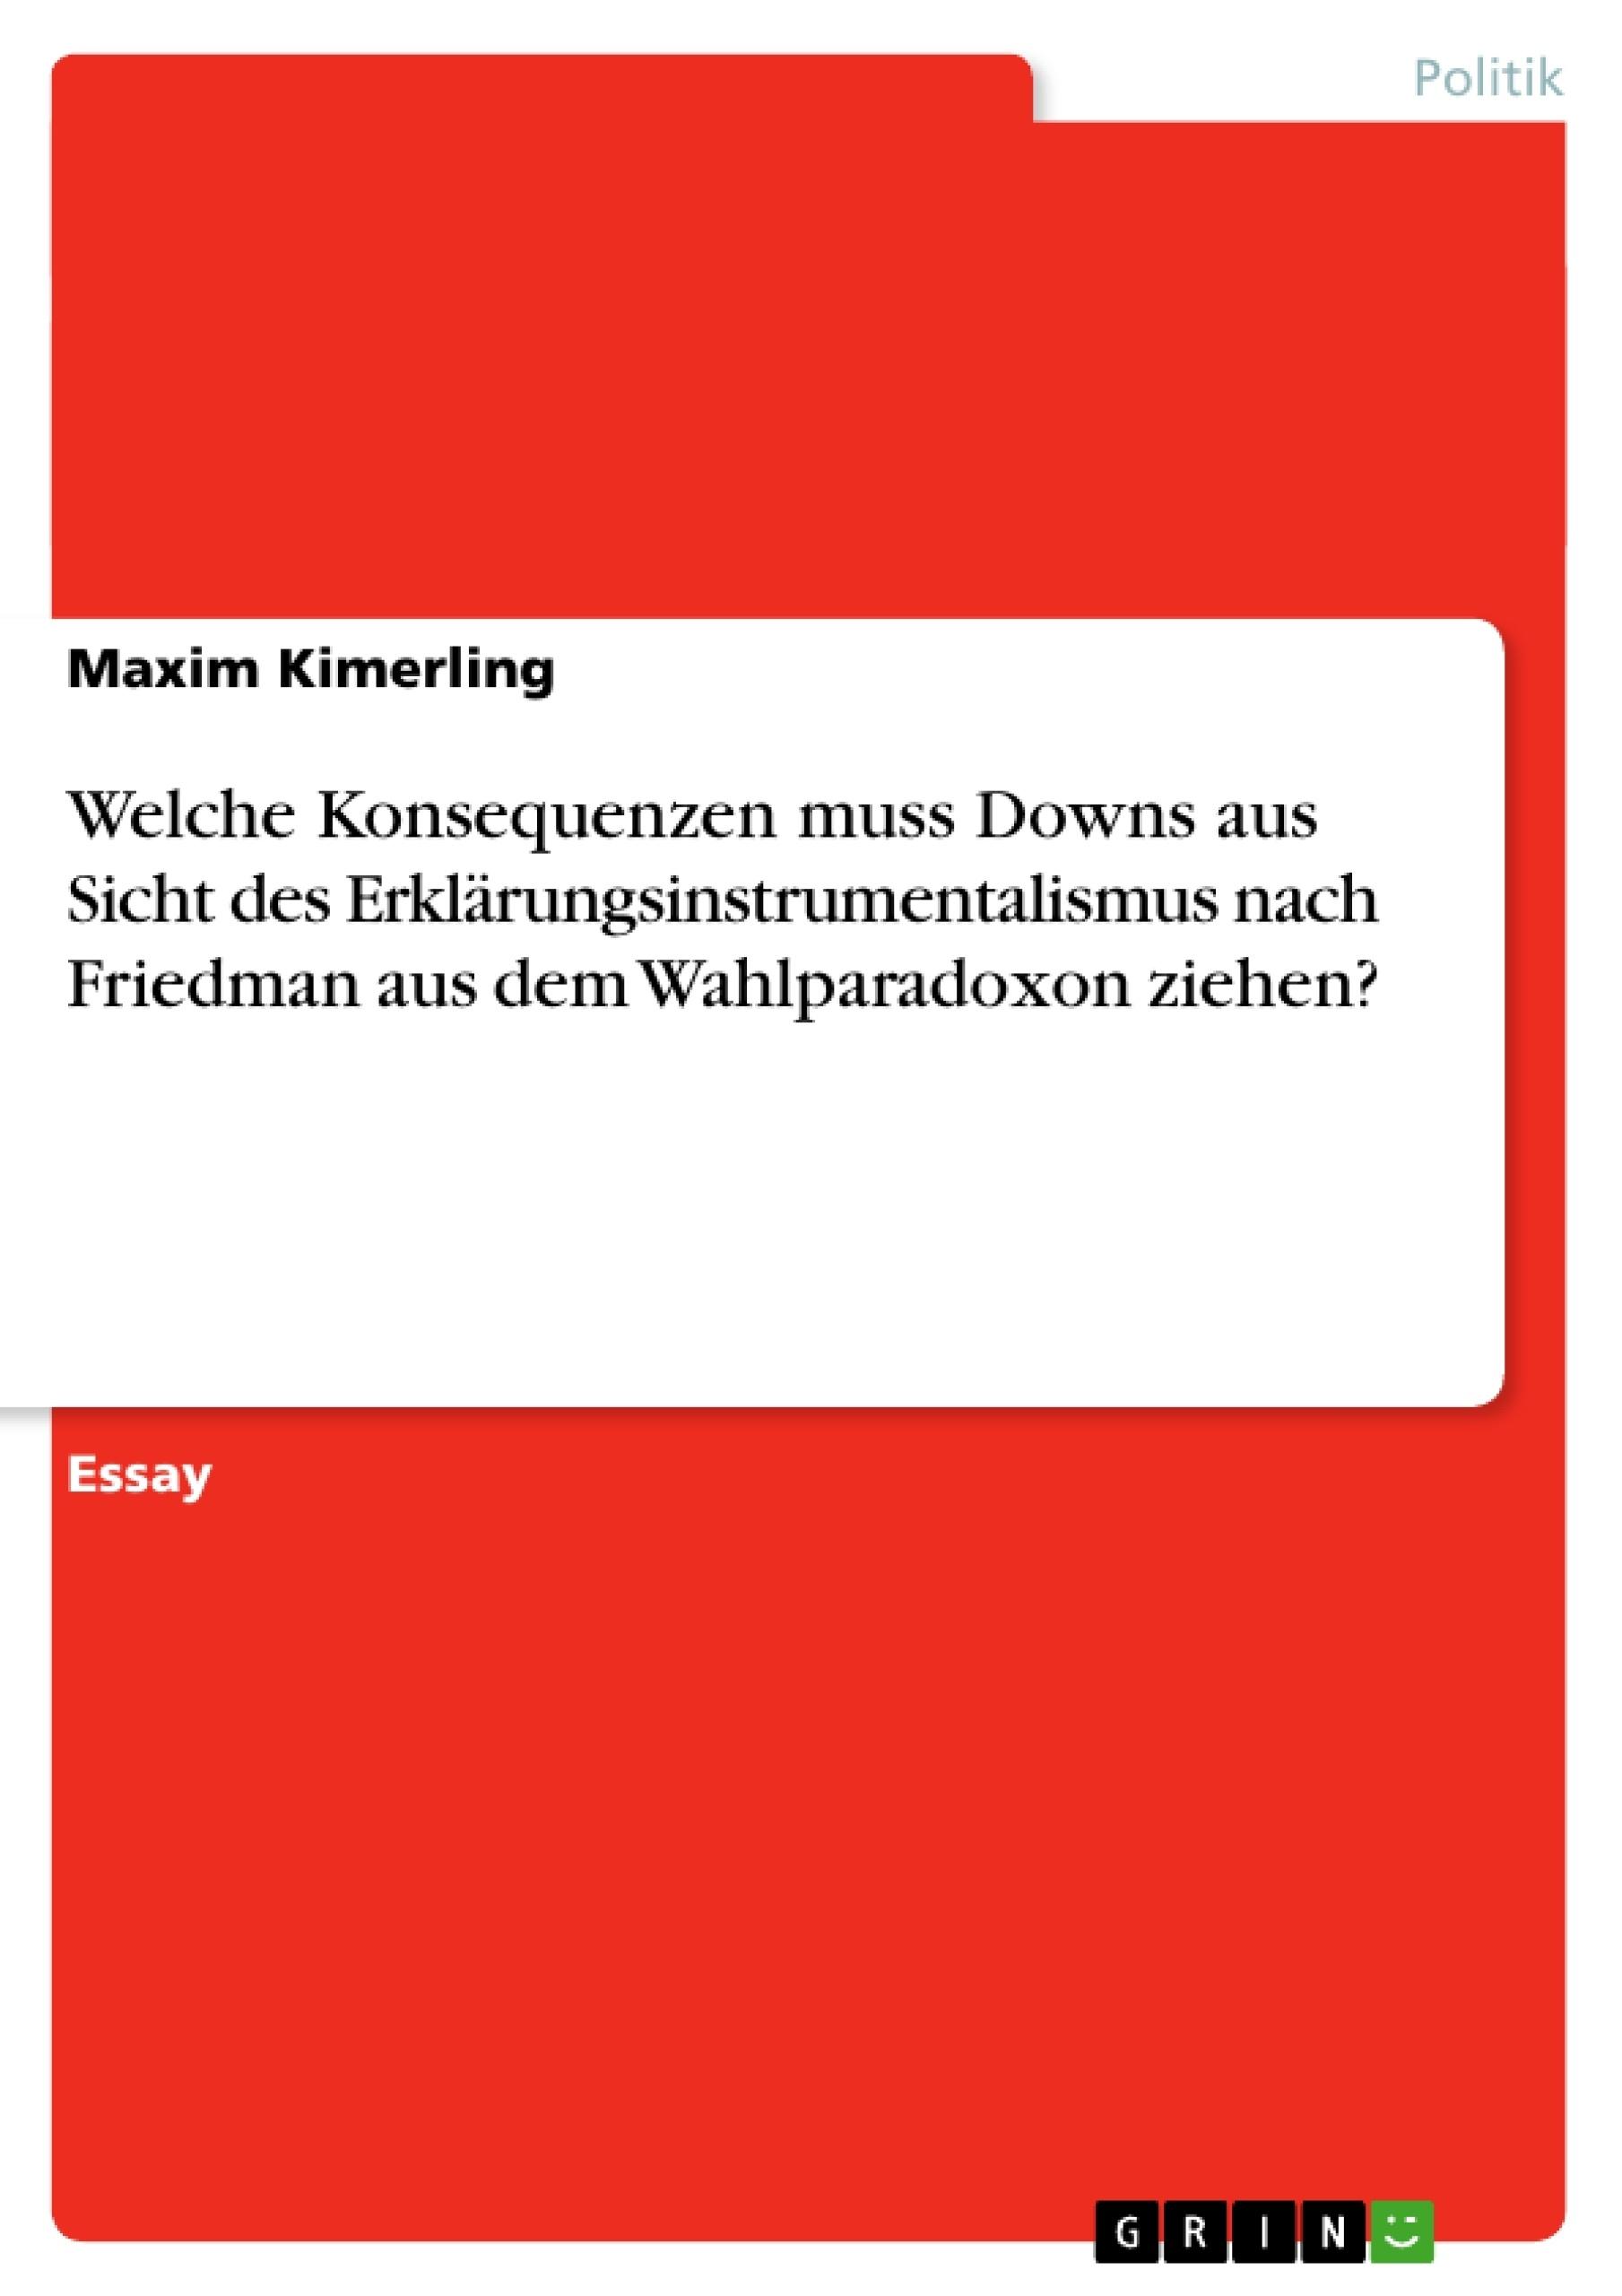 Titel: Welche Konsequenzen muss Downs aus Sicht des Erklärungsinstrumentalismus nach Friedman aus dem Wahlparadoxon ziehen?